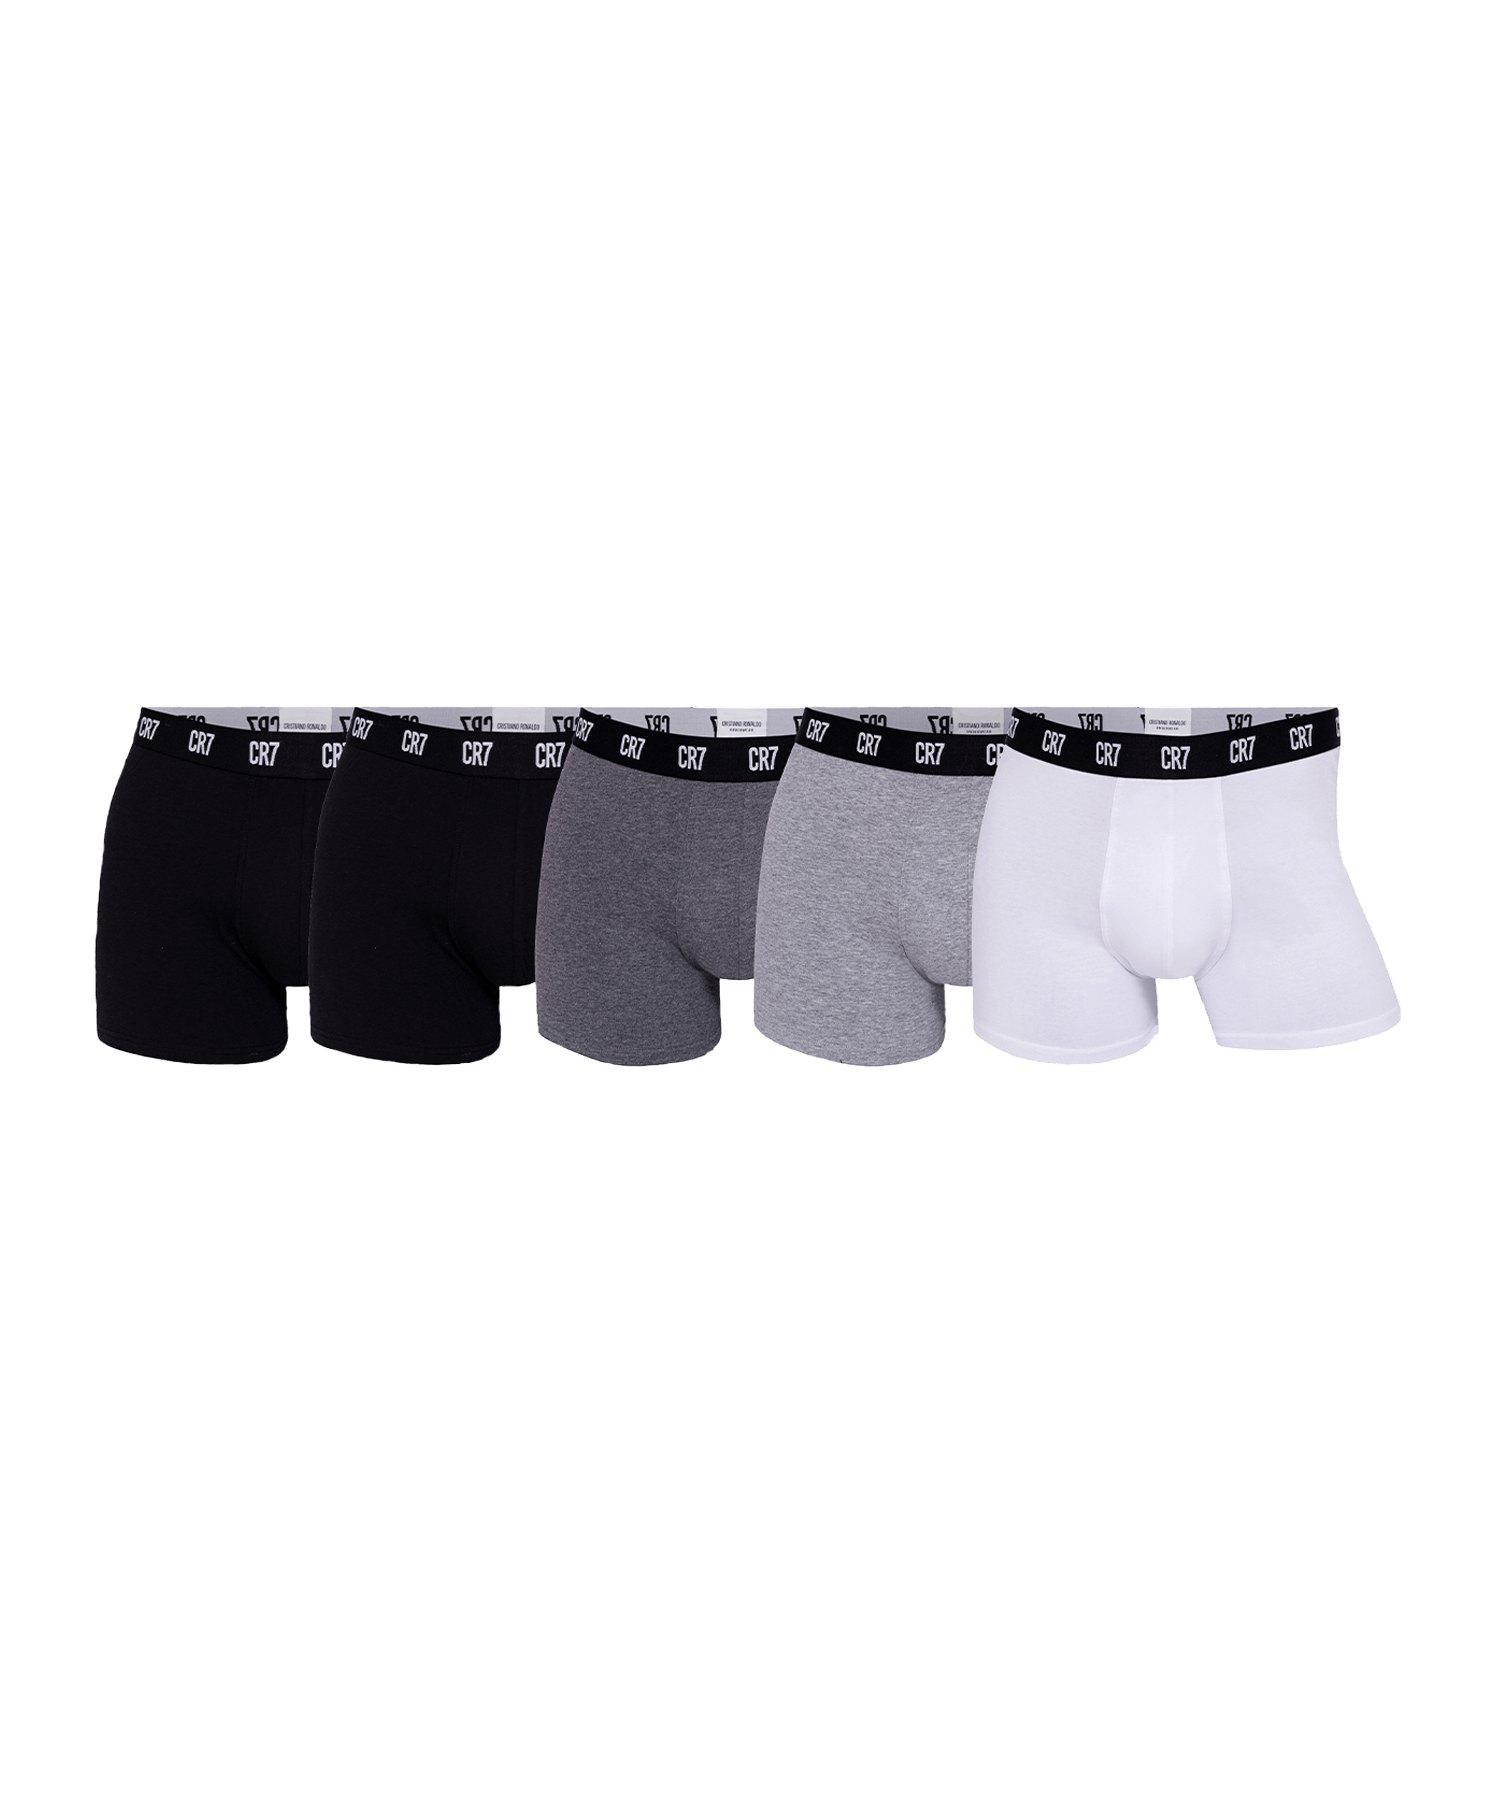 CR7 Basic Underwear Brief 5er Pack Schwarz - schwarz